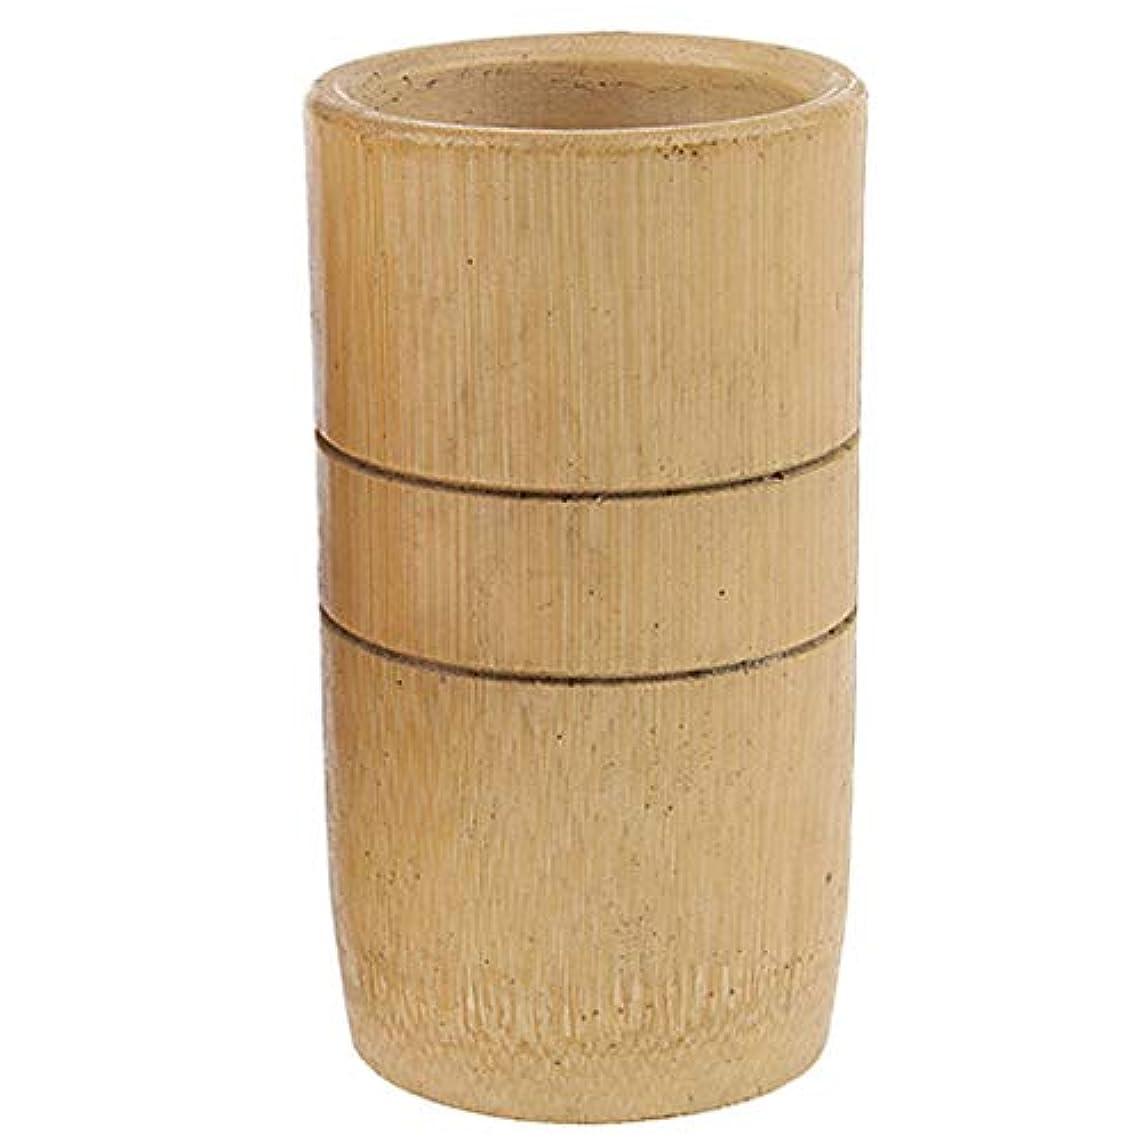 ボイコット受粉者天国2個 マッサージ吸い玉 カッピング 天然竹製 全身マッサージ用 血流促進